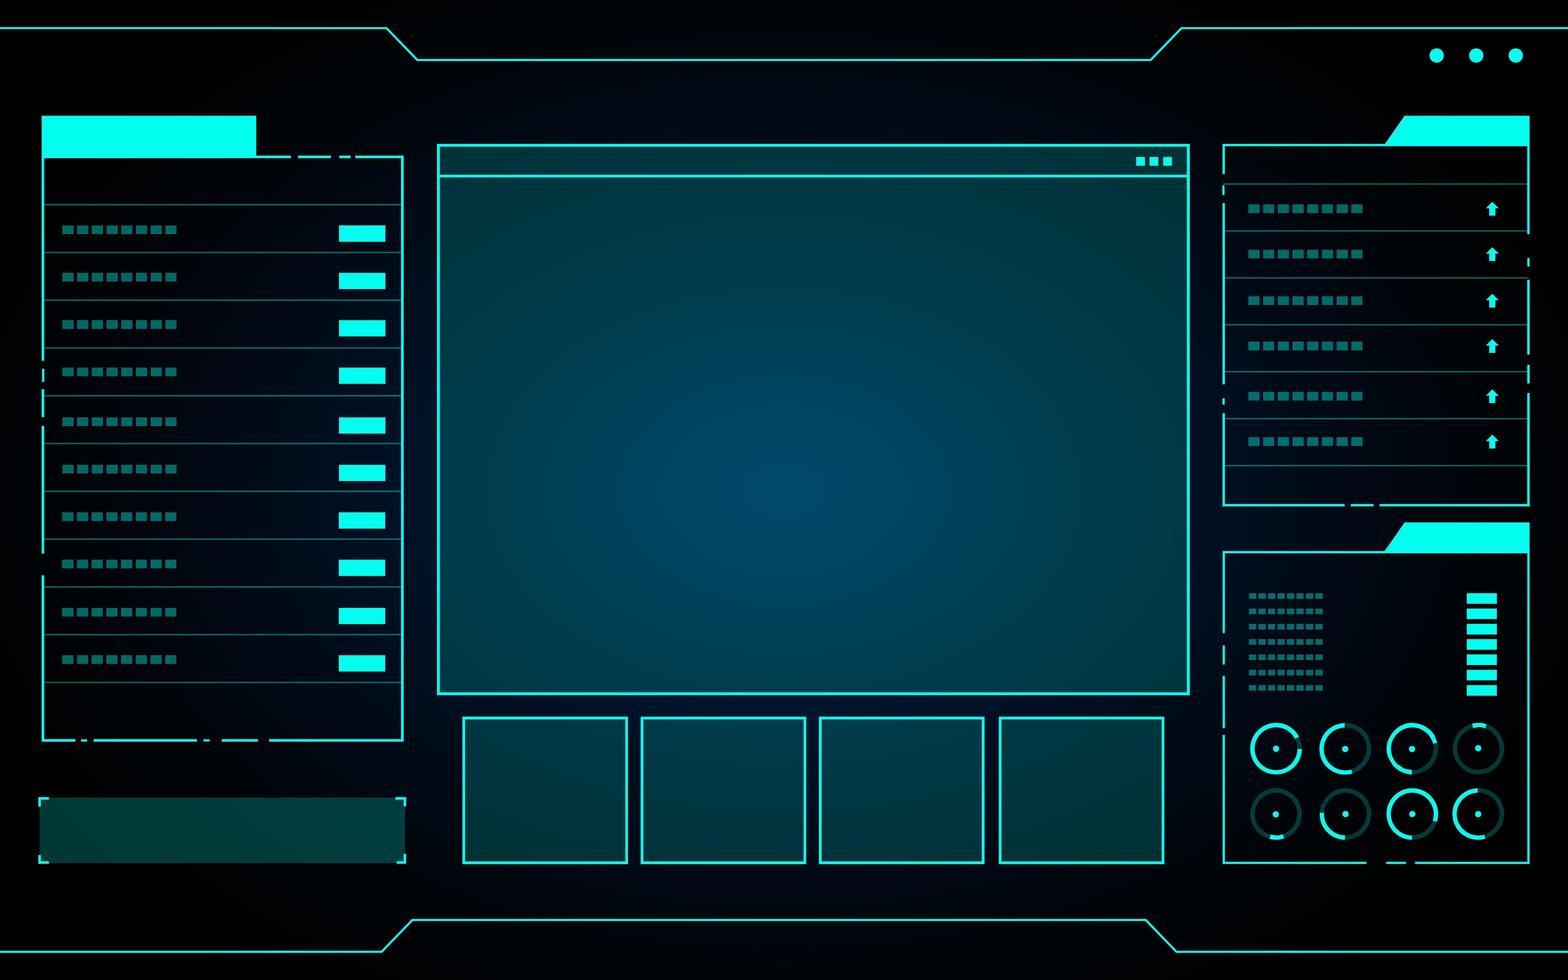 interfaccia tecnologia blu hud vettore